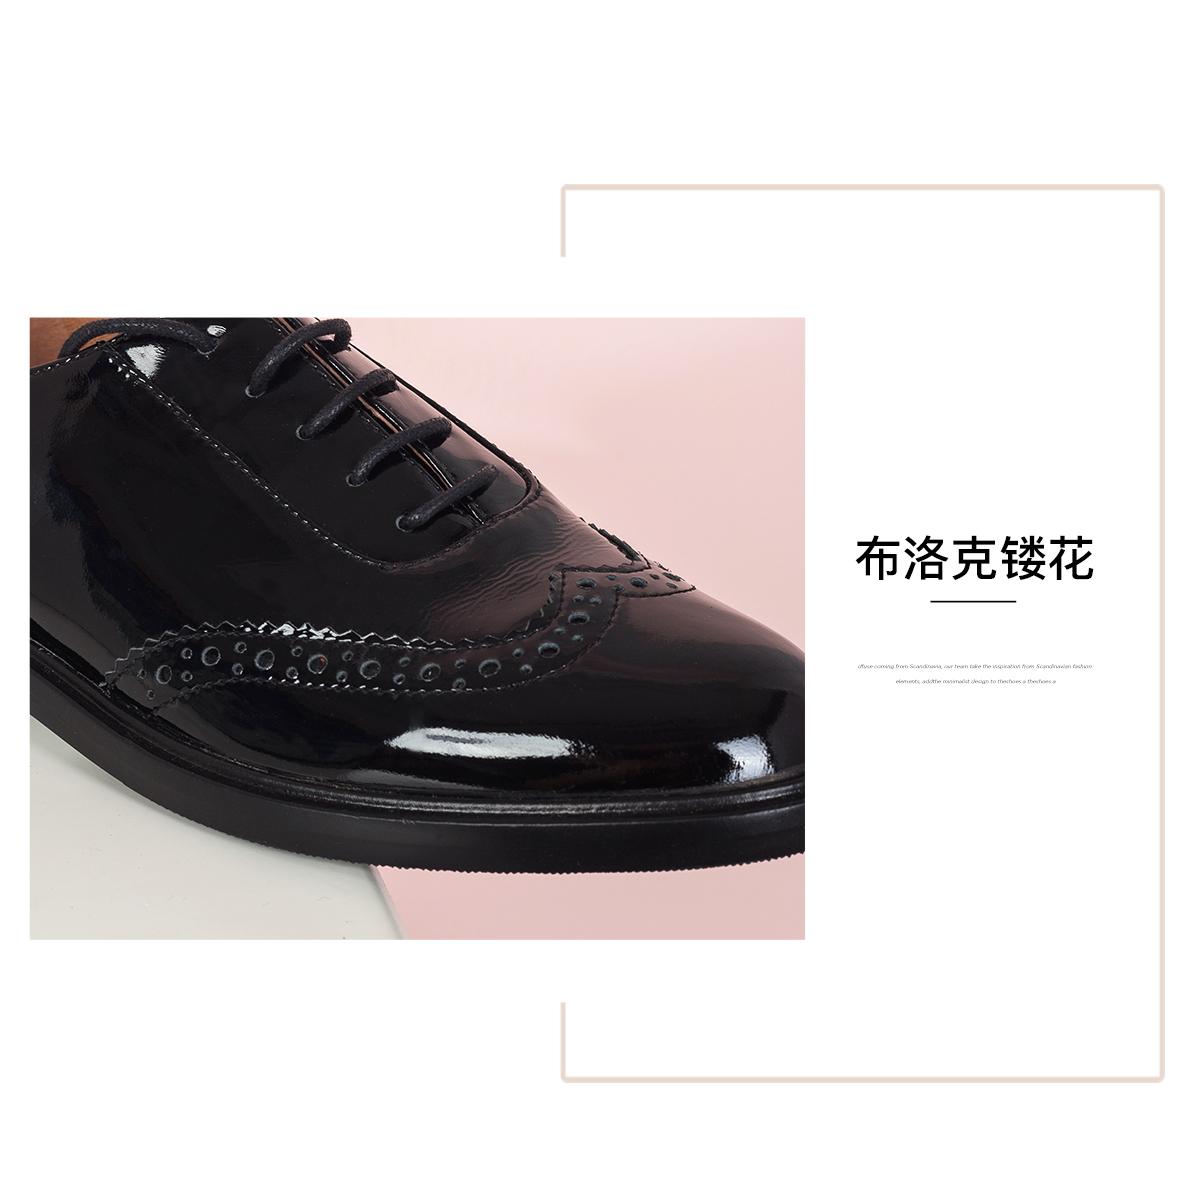 SS03112246 新款秋季英伦圆头低跟商场同款女鞋 2020 星期六时尚单鞋